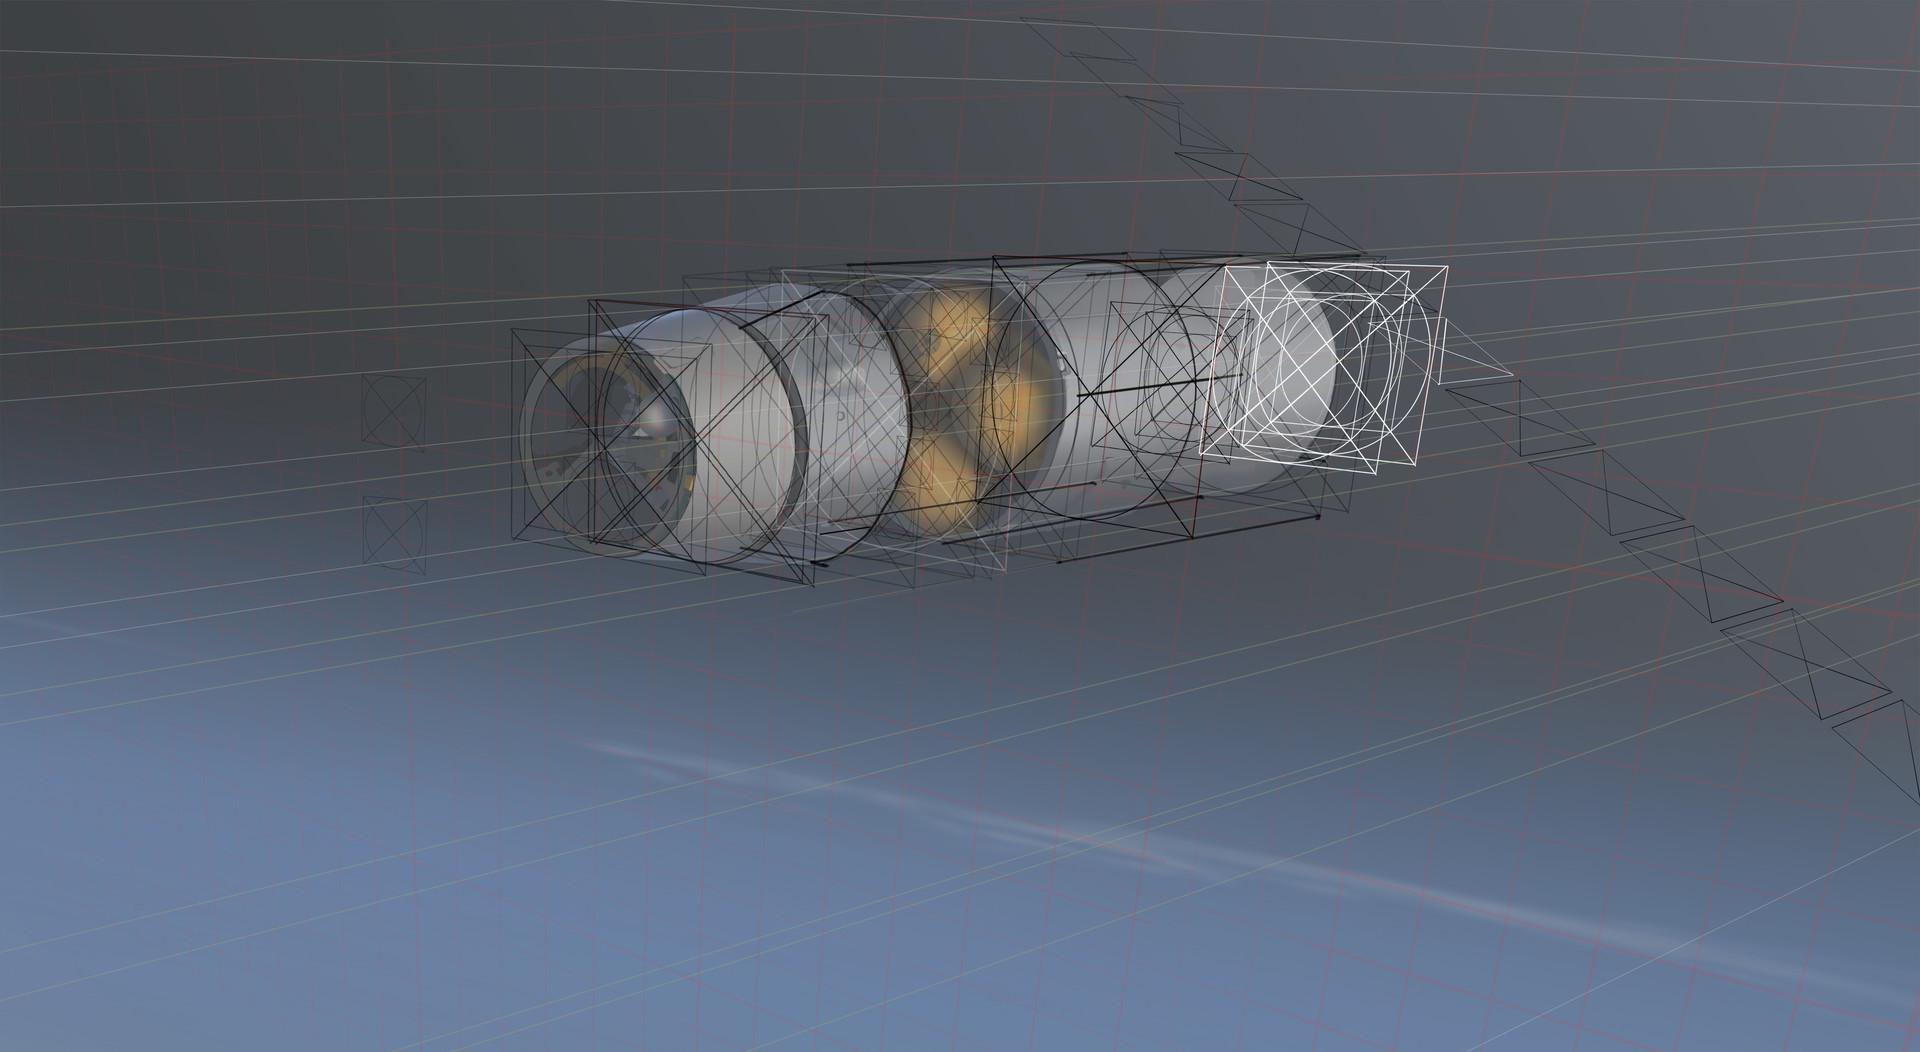 Adrien girod spaceship06 wip